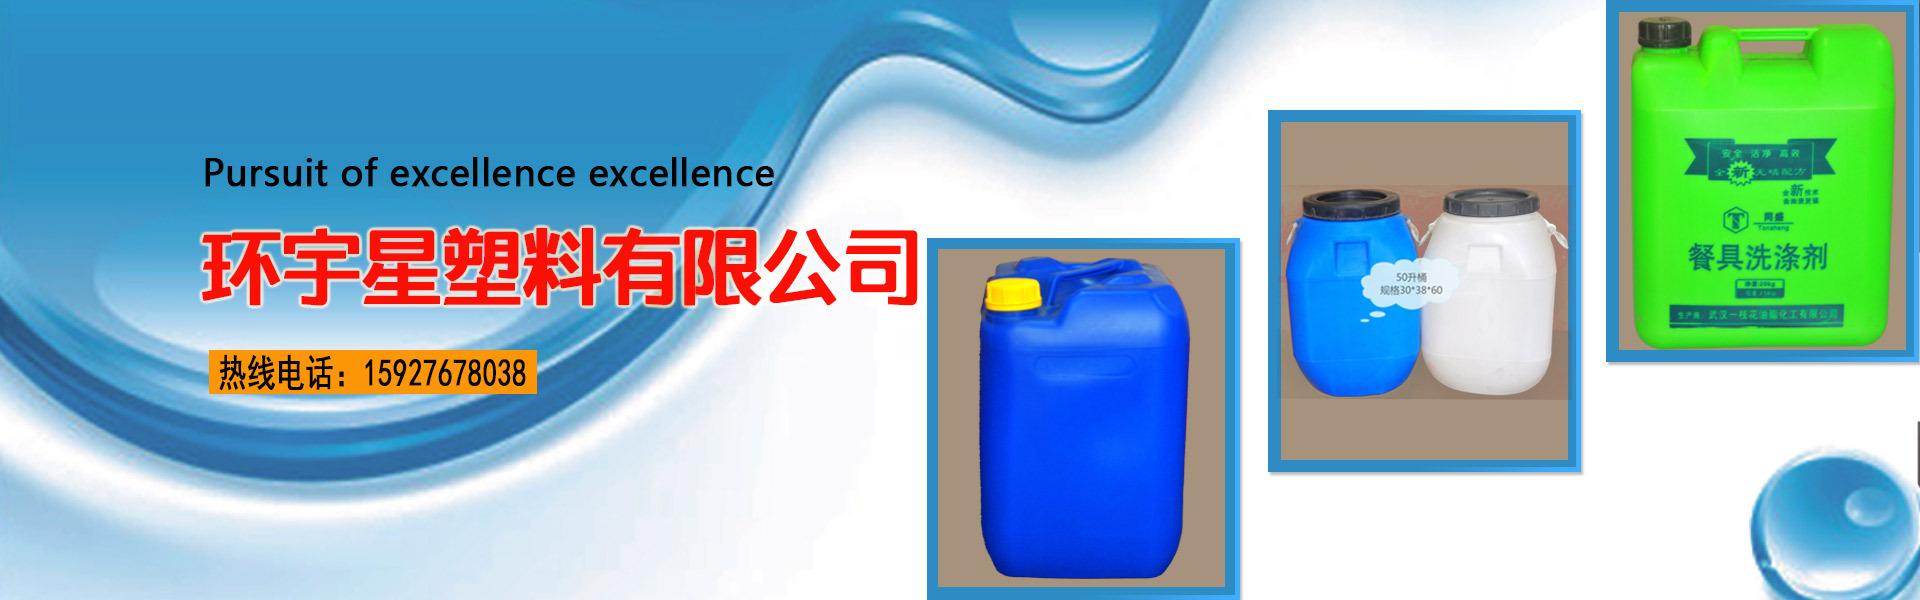 武汉环宇星塑料有限公司网站首页图-武汉塑料桶